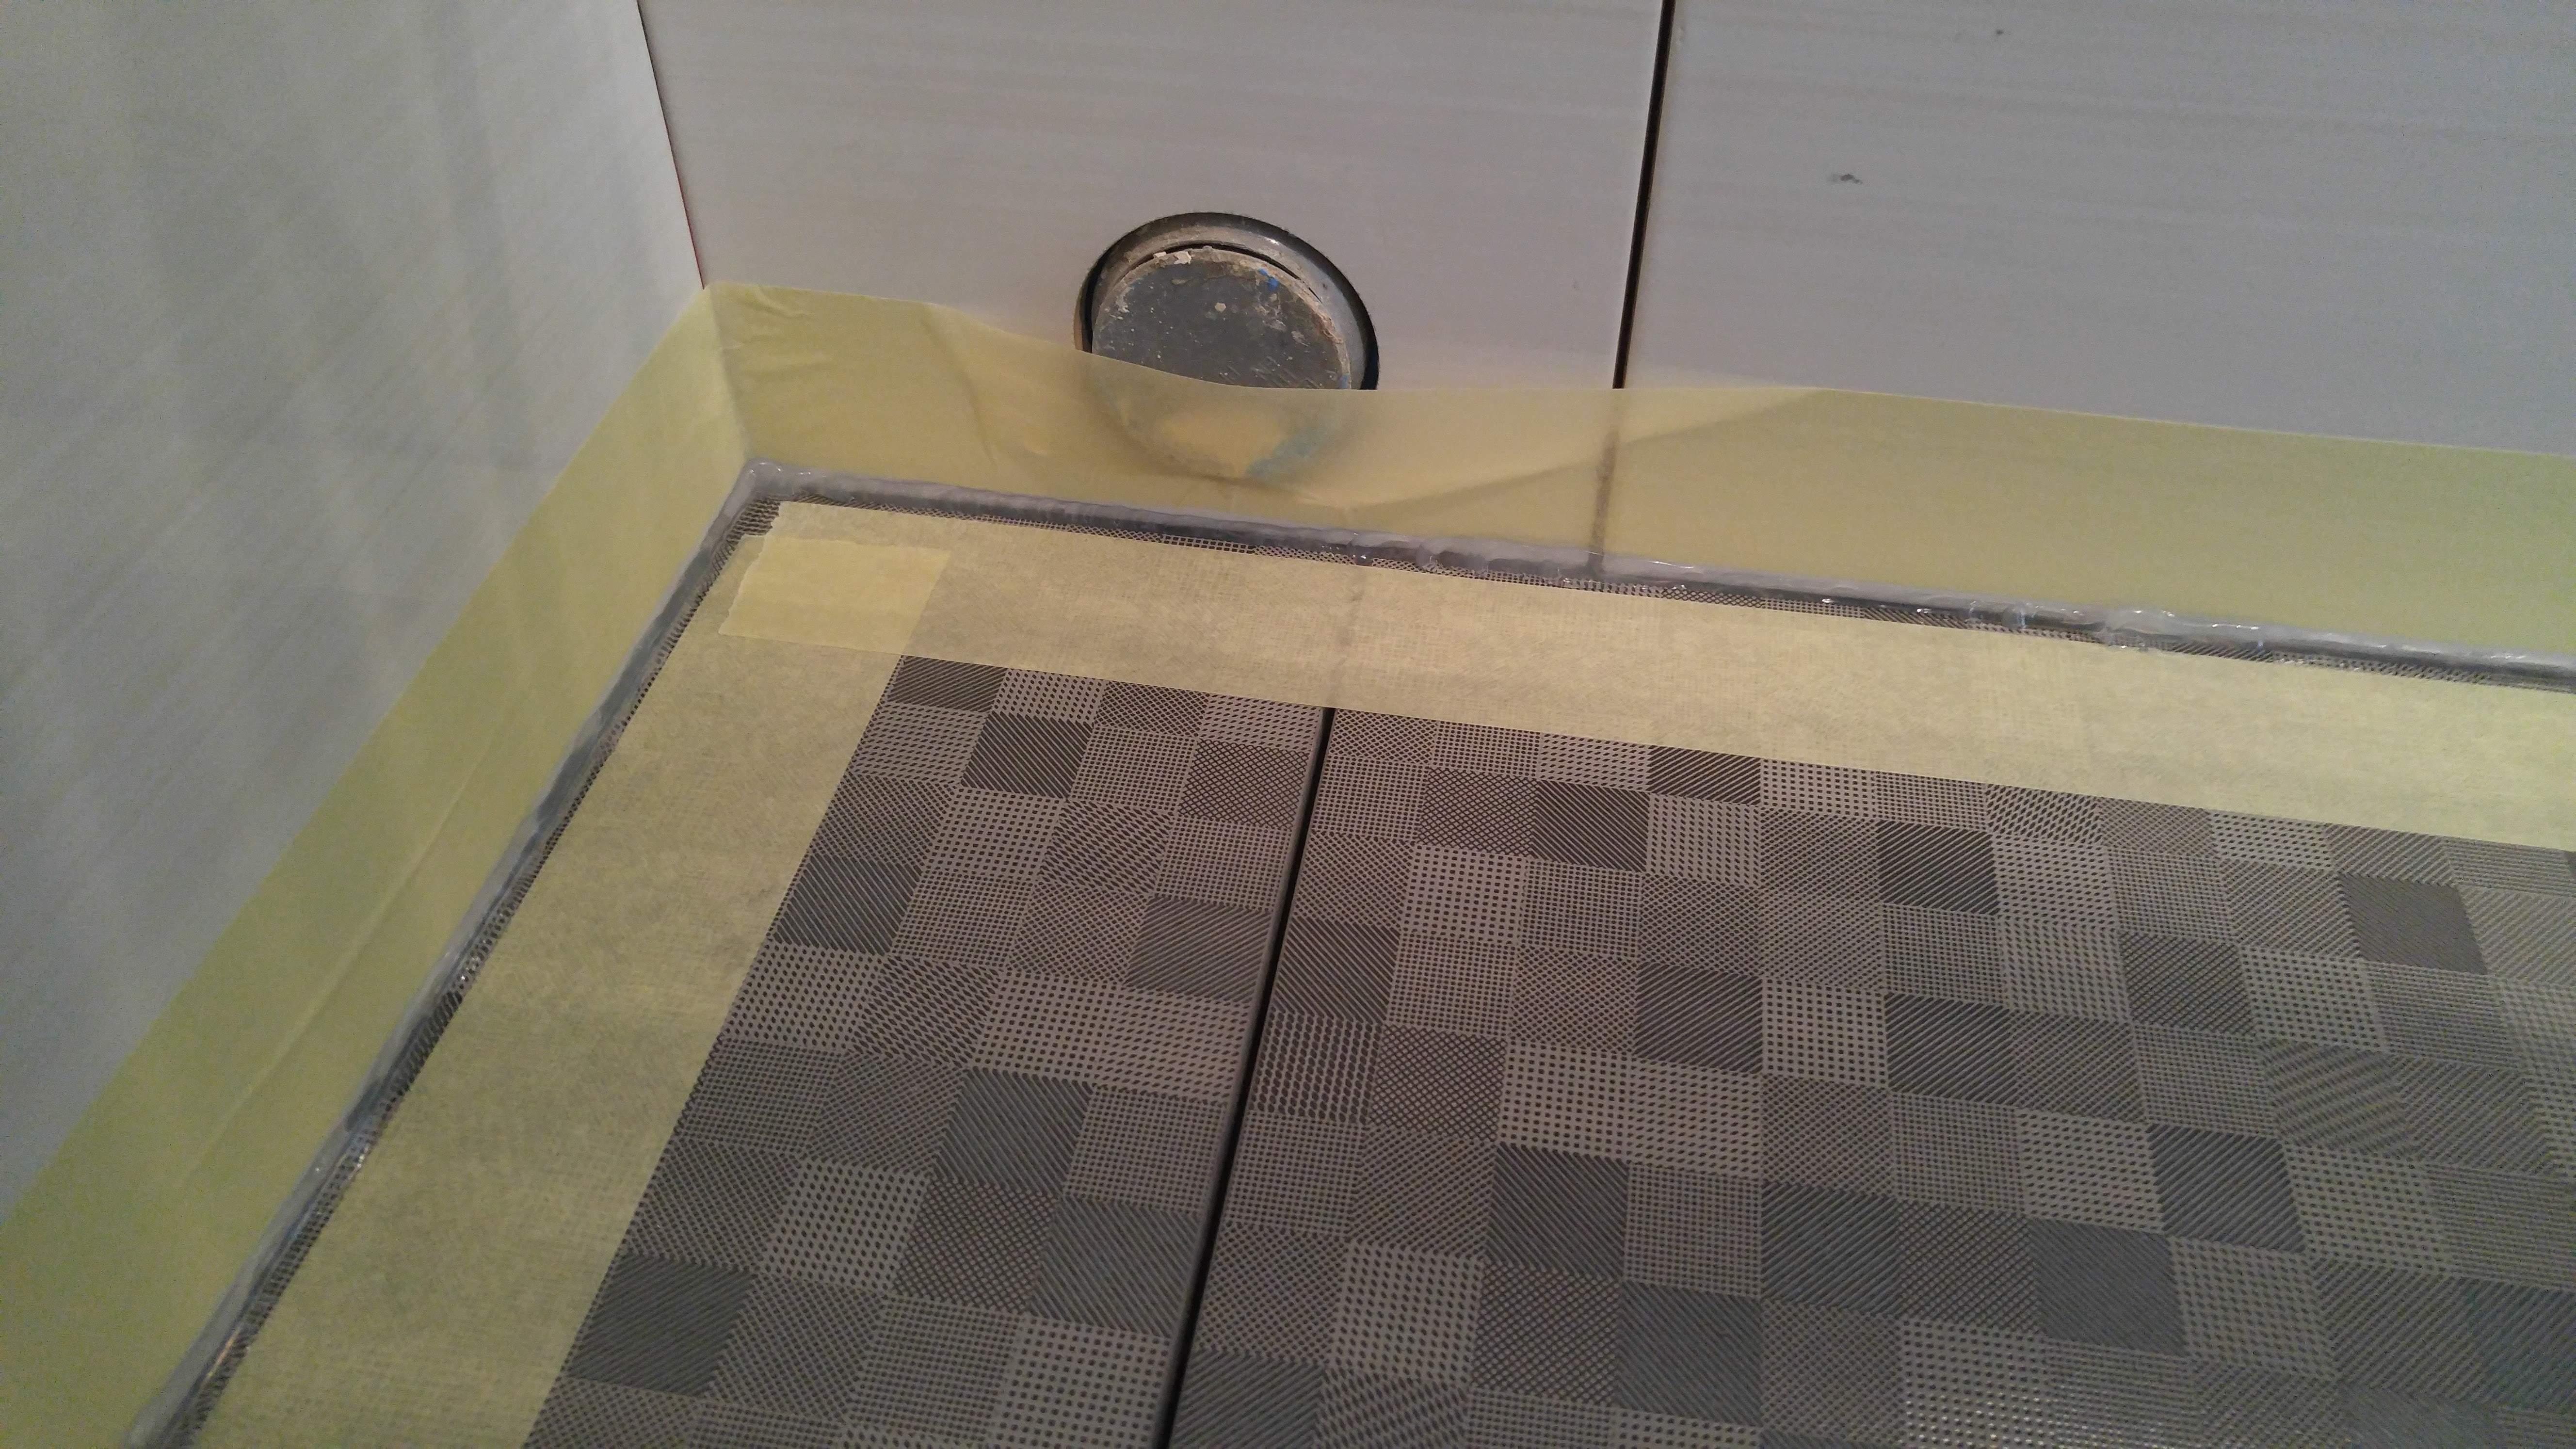 Заделка швов силиконом под ванной